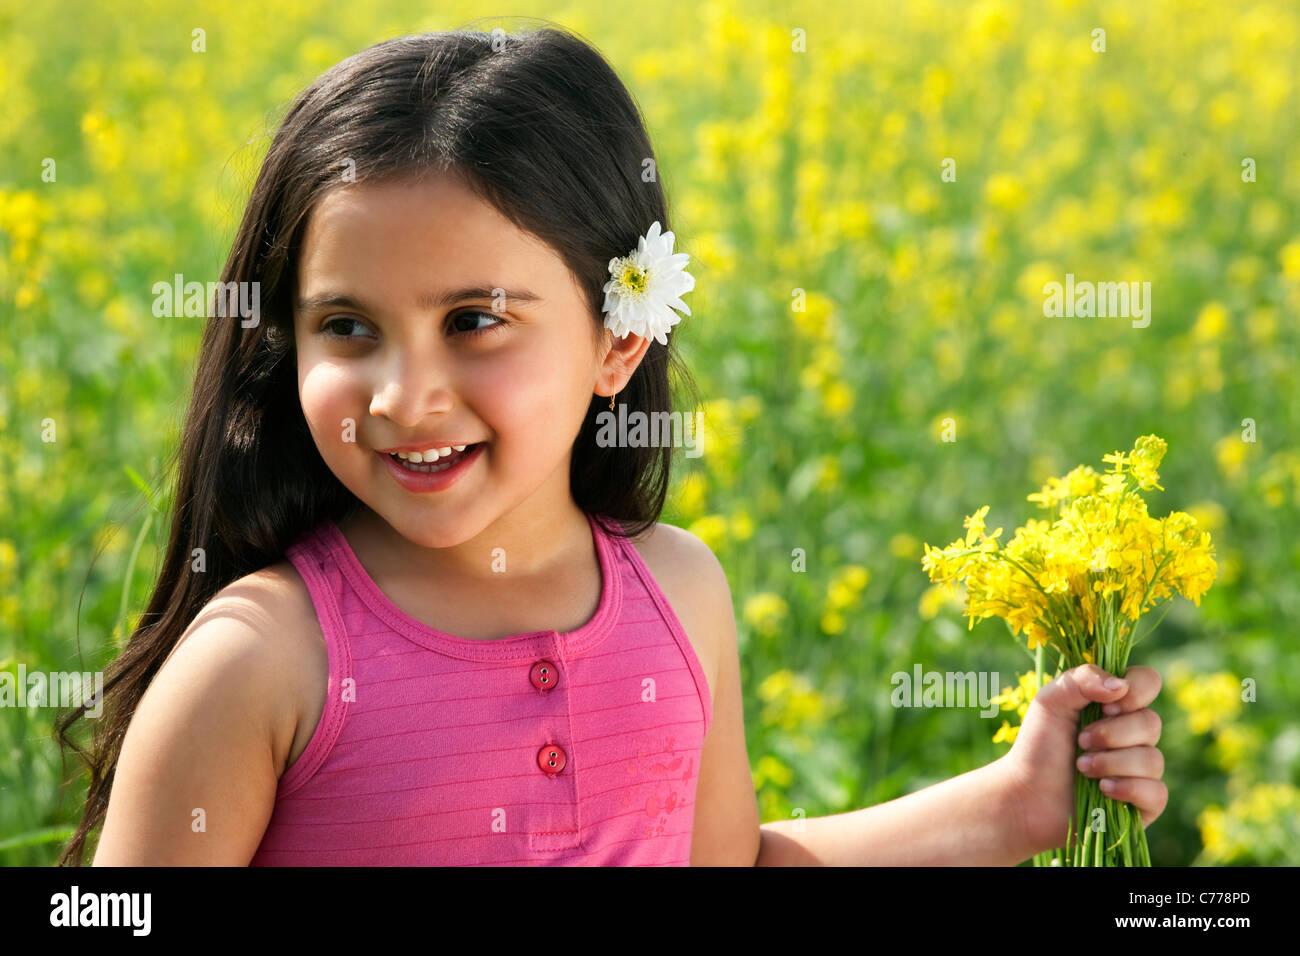 Giovane ragazza con fiori Immagini Stock